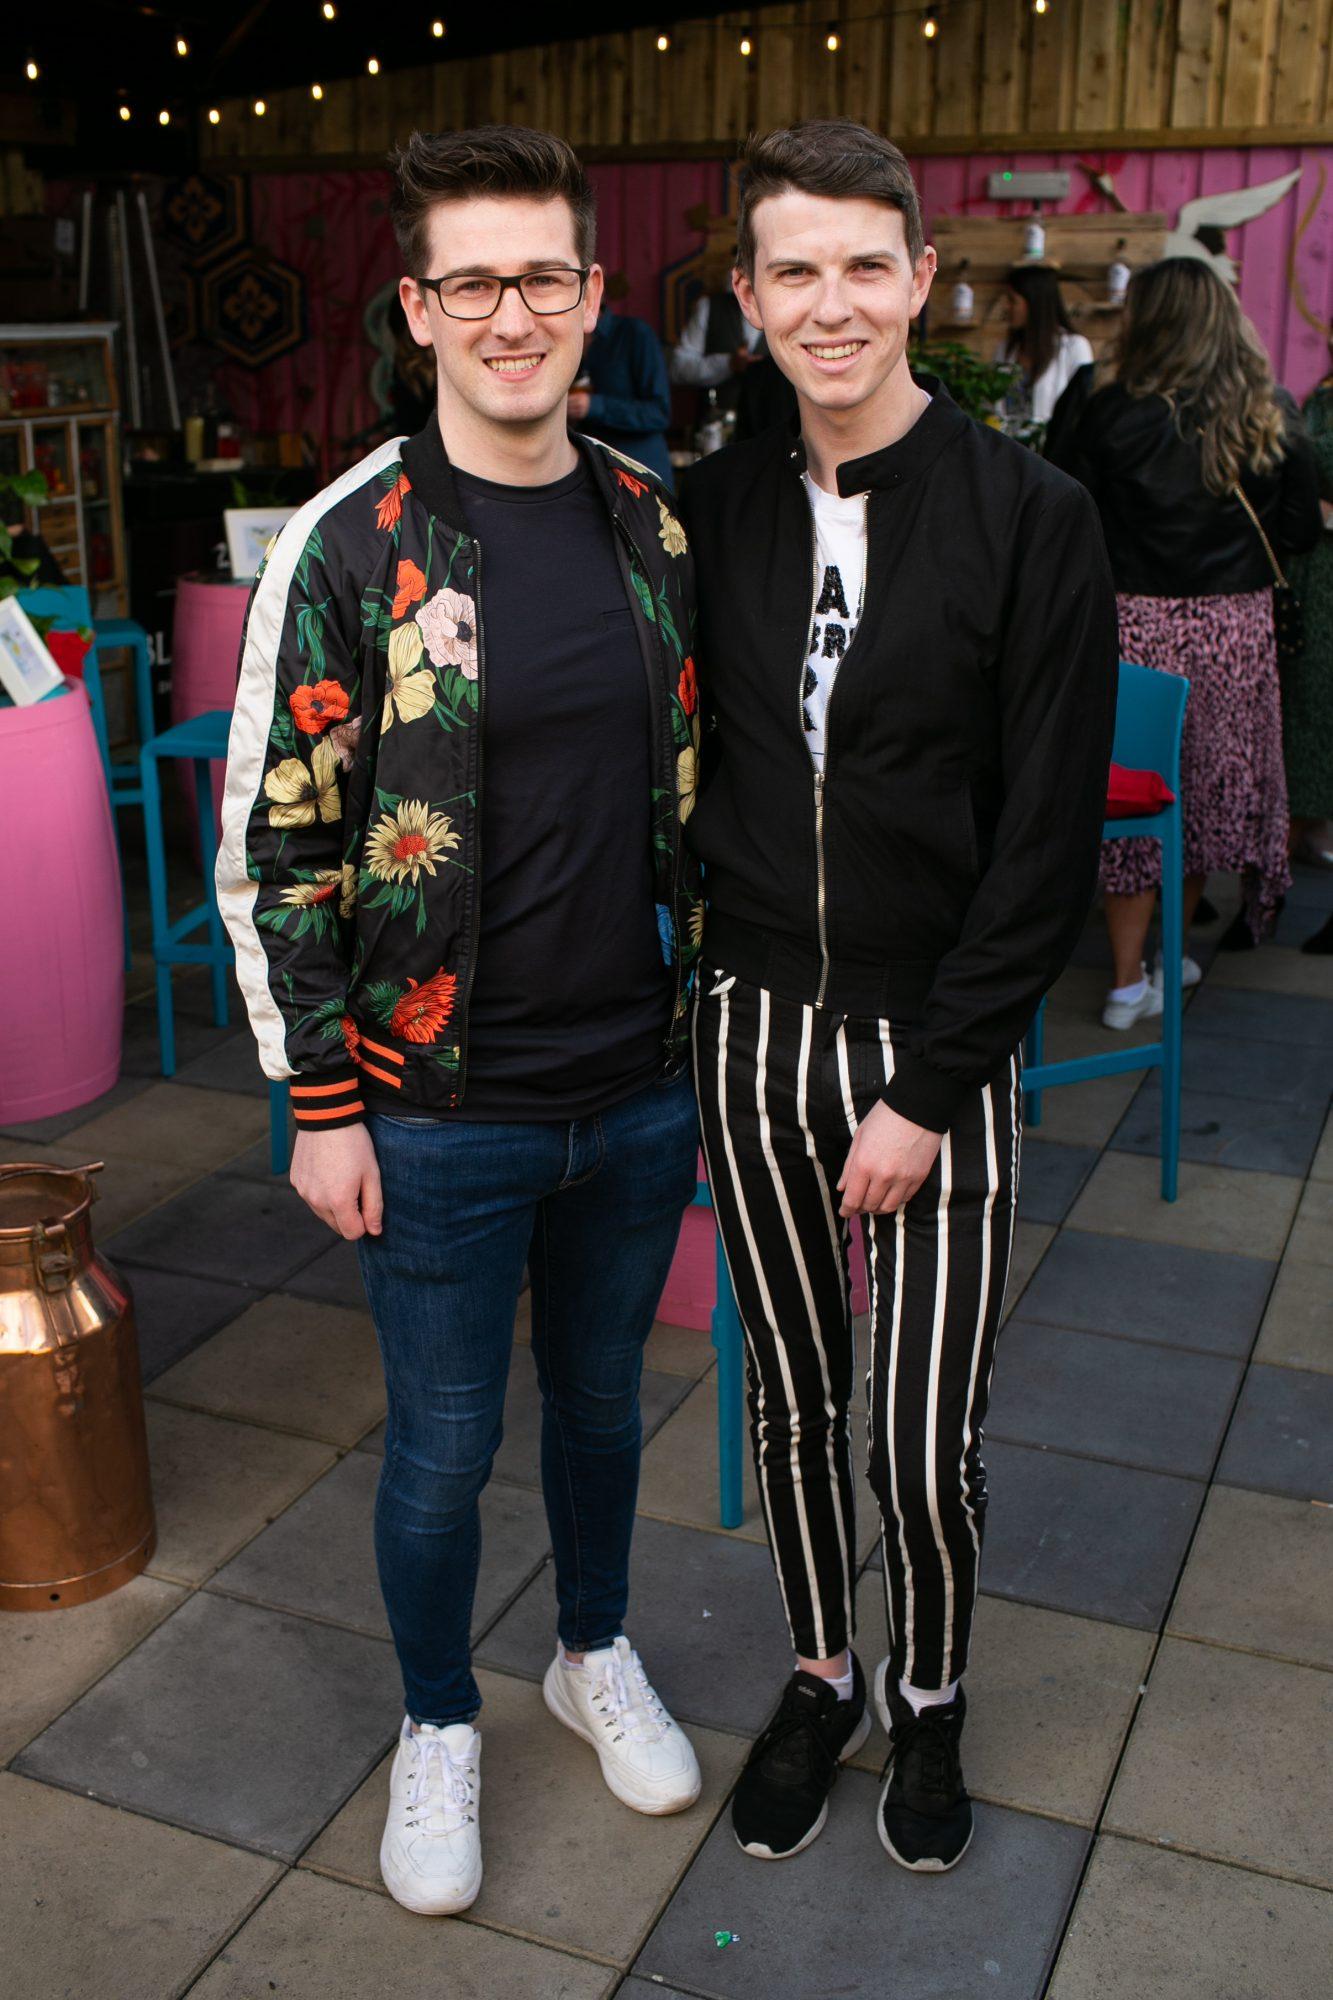 Ian Curran and Mikey O'Loughlin at the SuperValu Gin Garden held at Opium Rooftop Garden, Dublin.